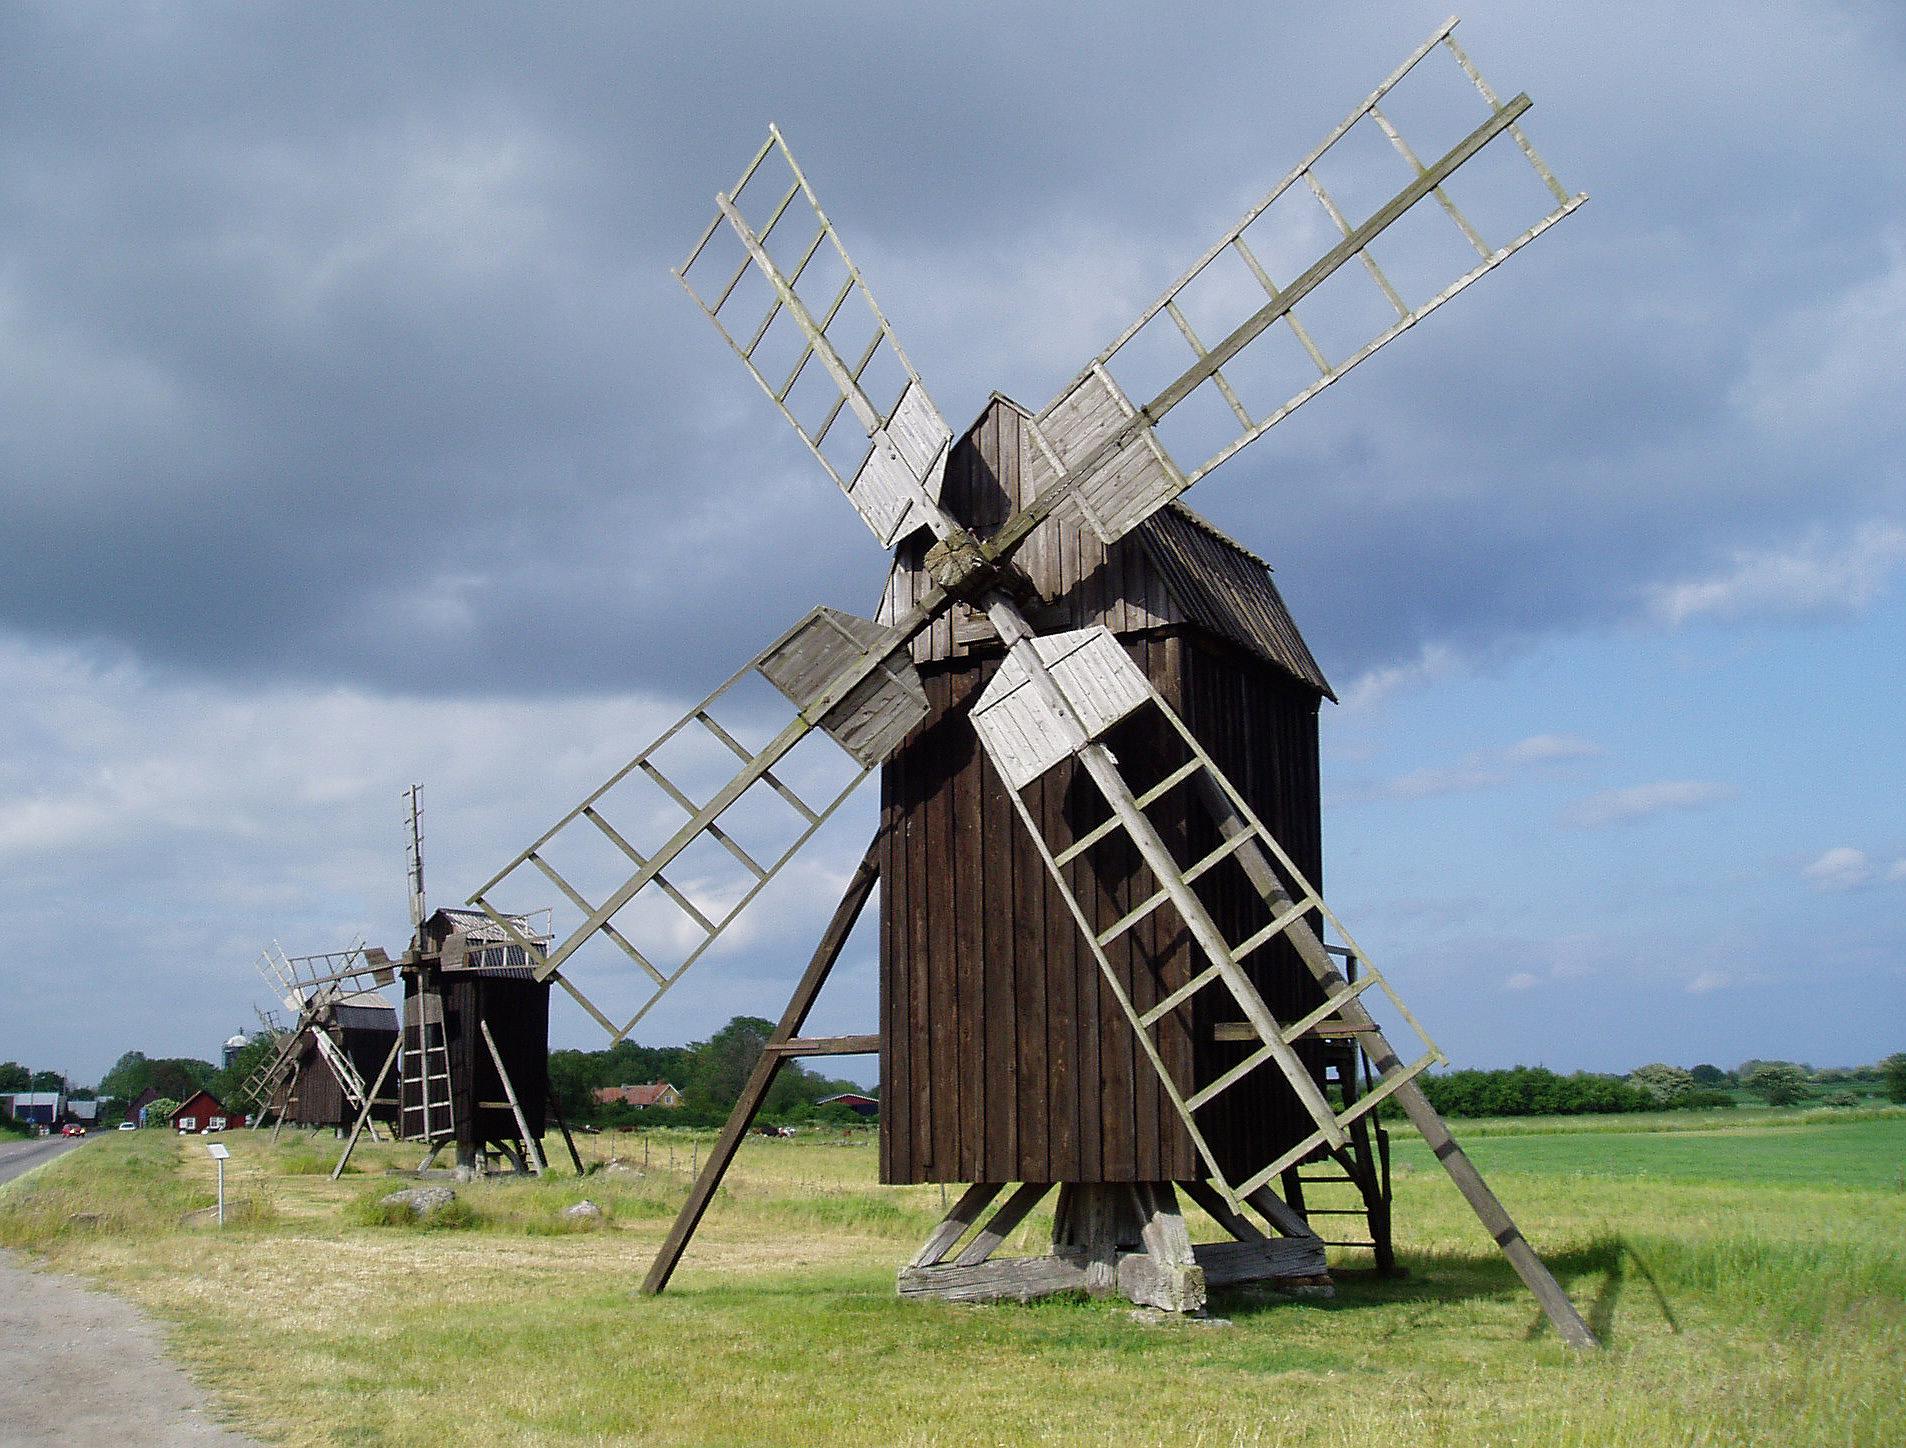 Windm hlen rezepte suchen for Dekoartikel aus holland